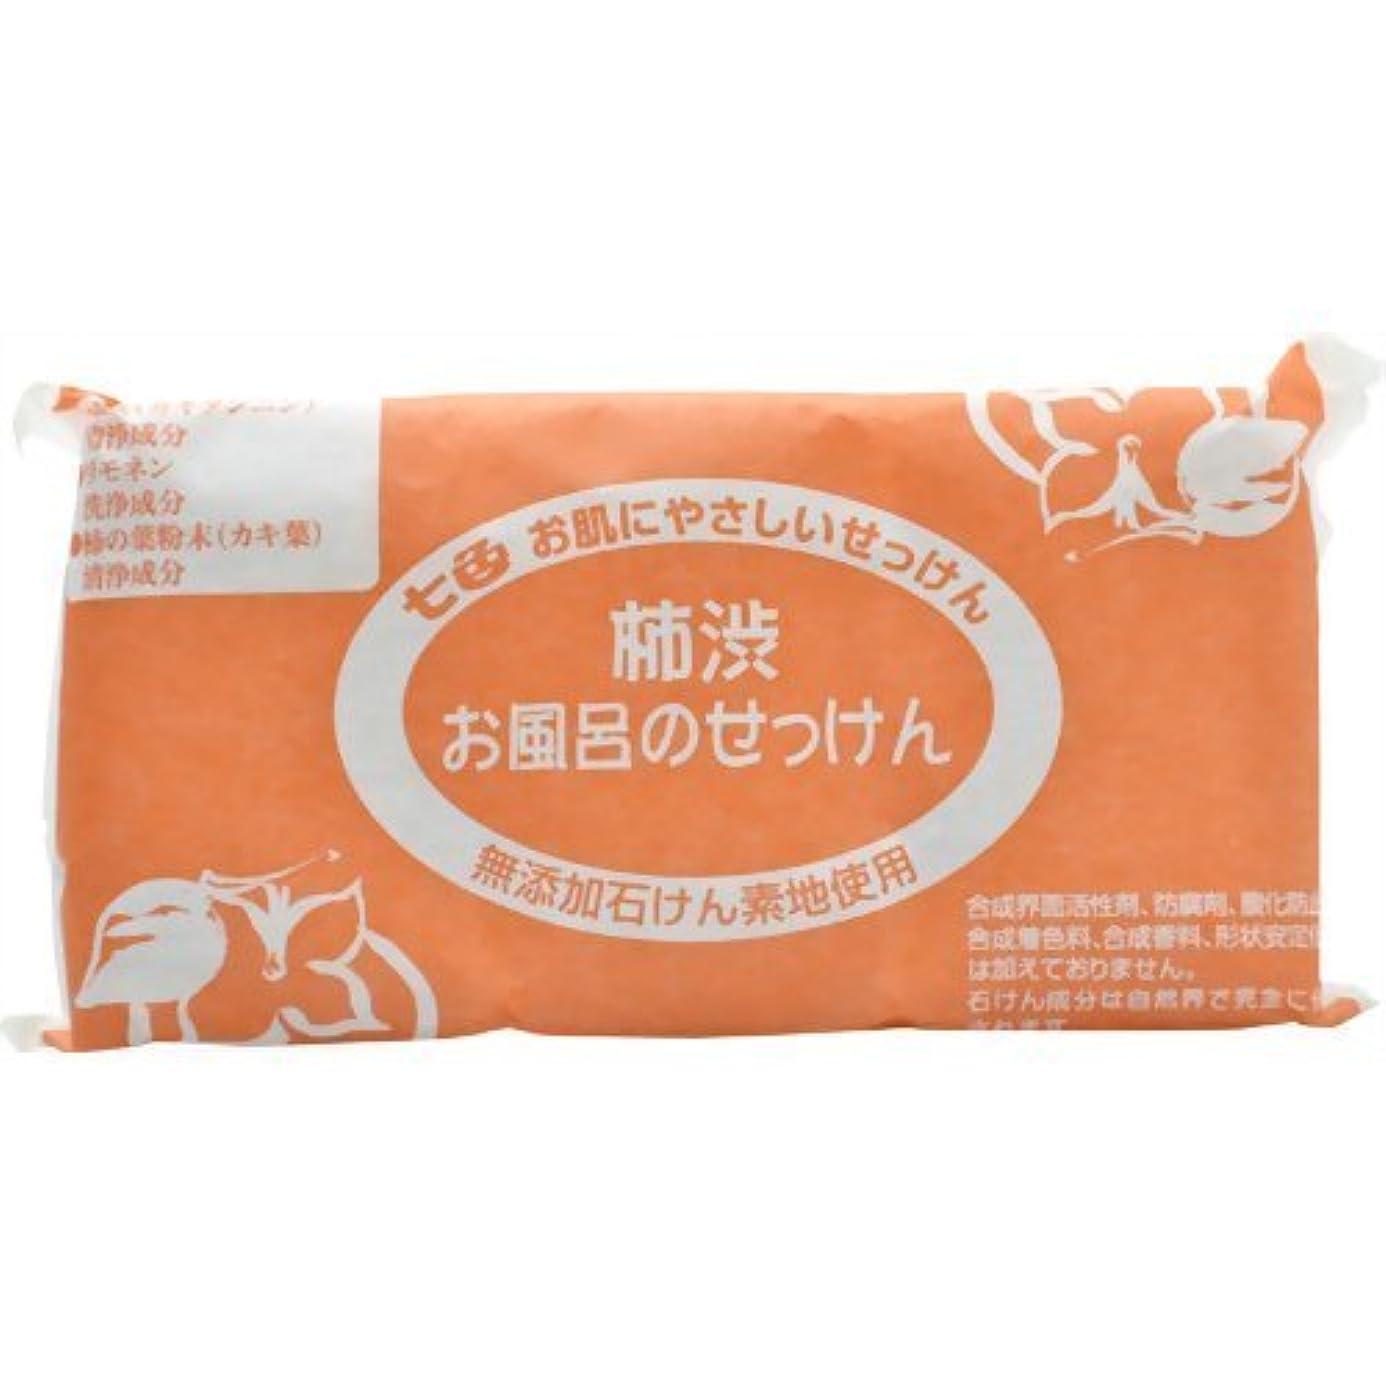 顕現四回ズーム七色 お風呂のせっけん 柿渋(無添加石鹸) 100g×3個入